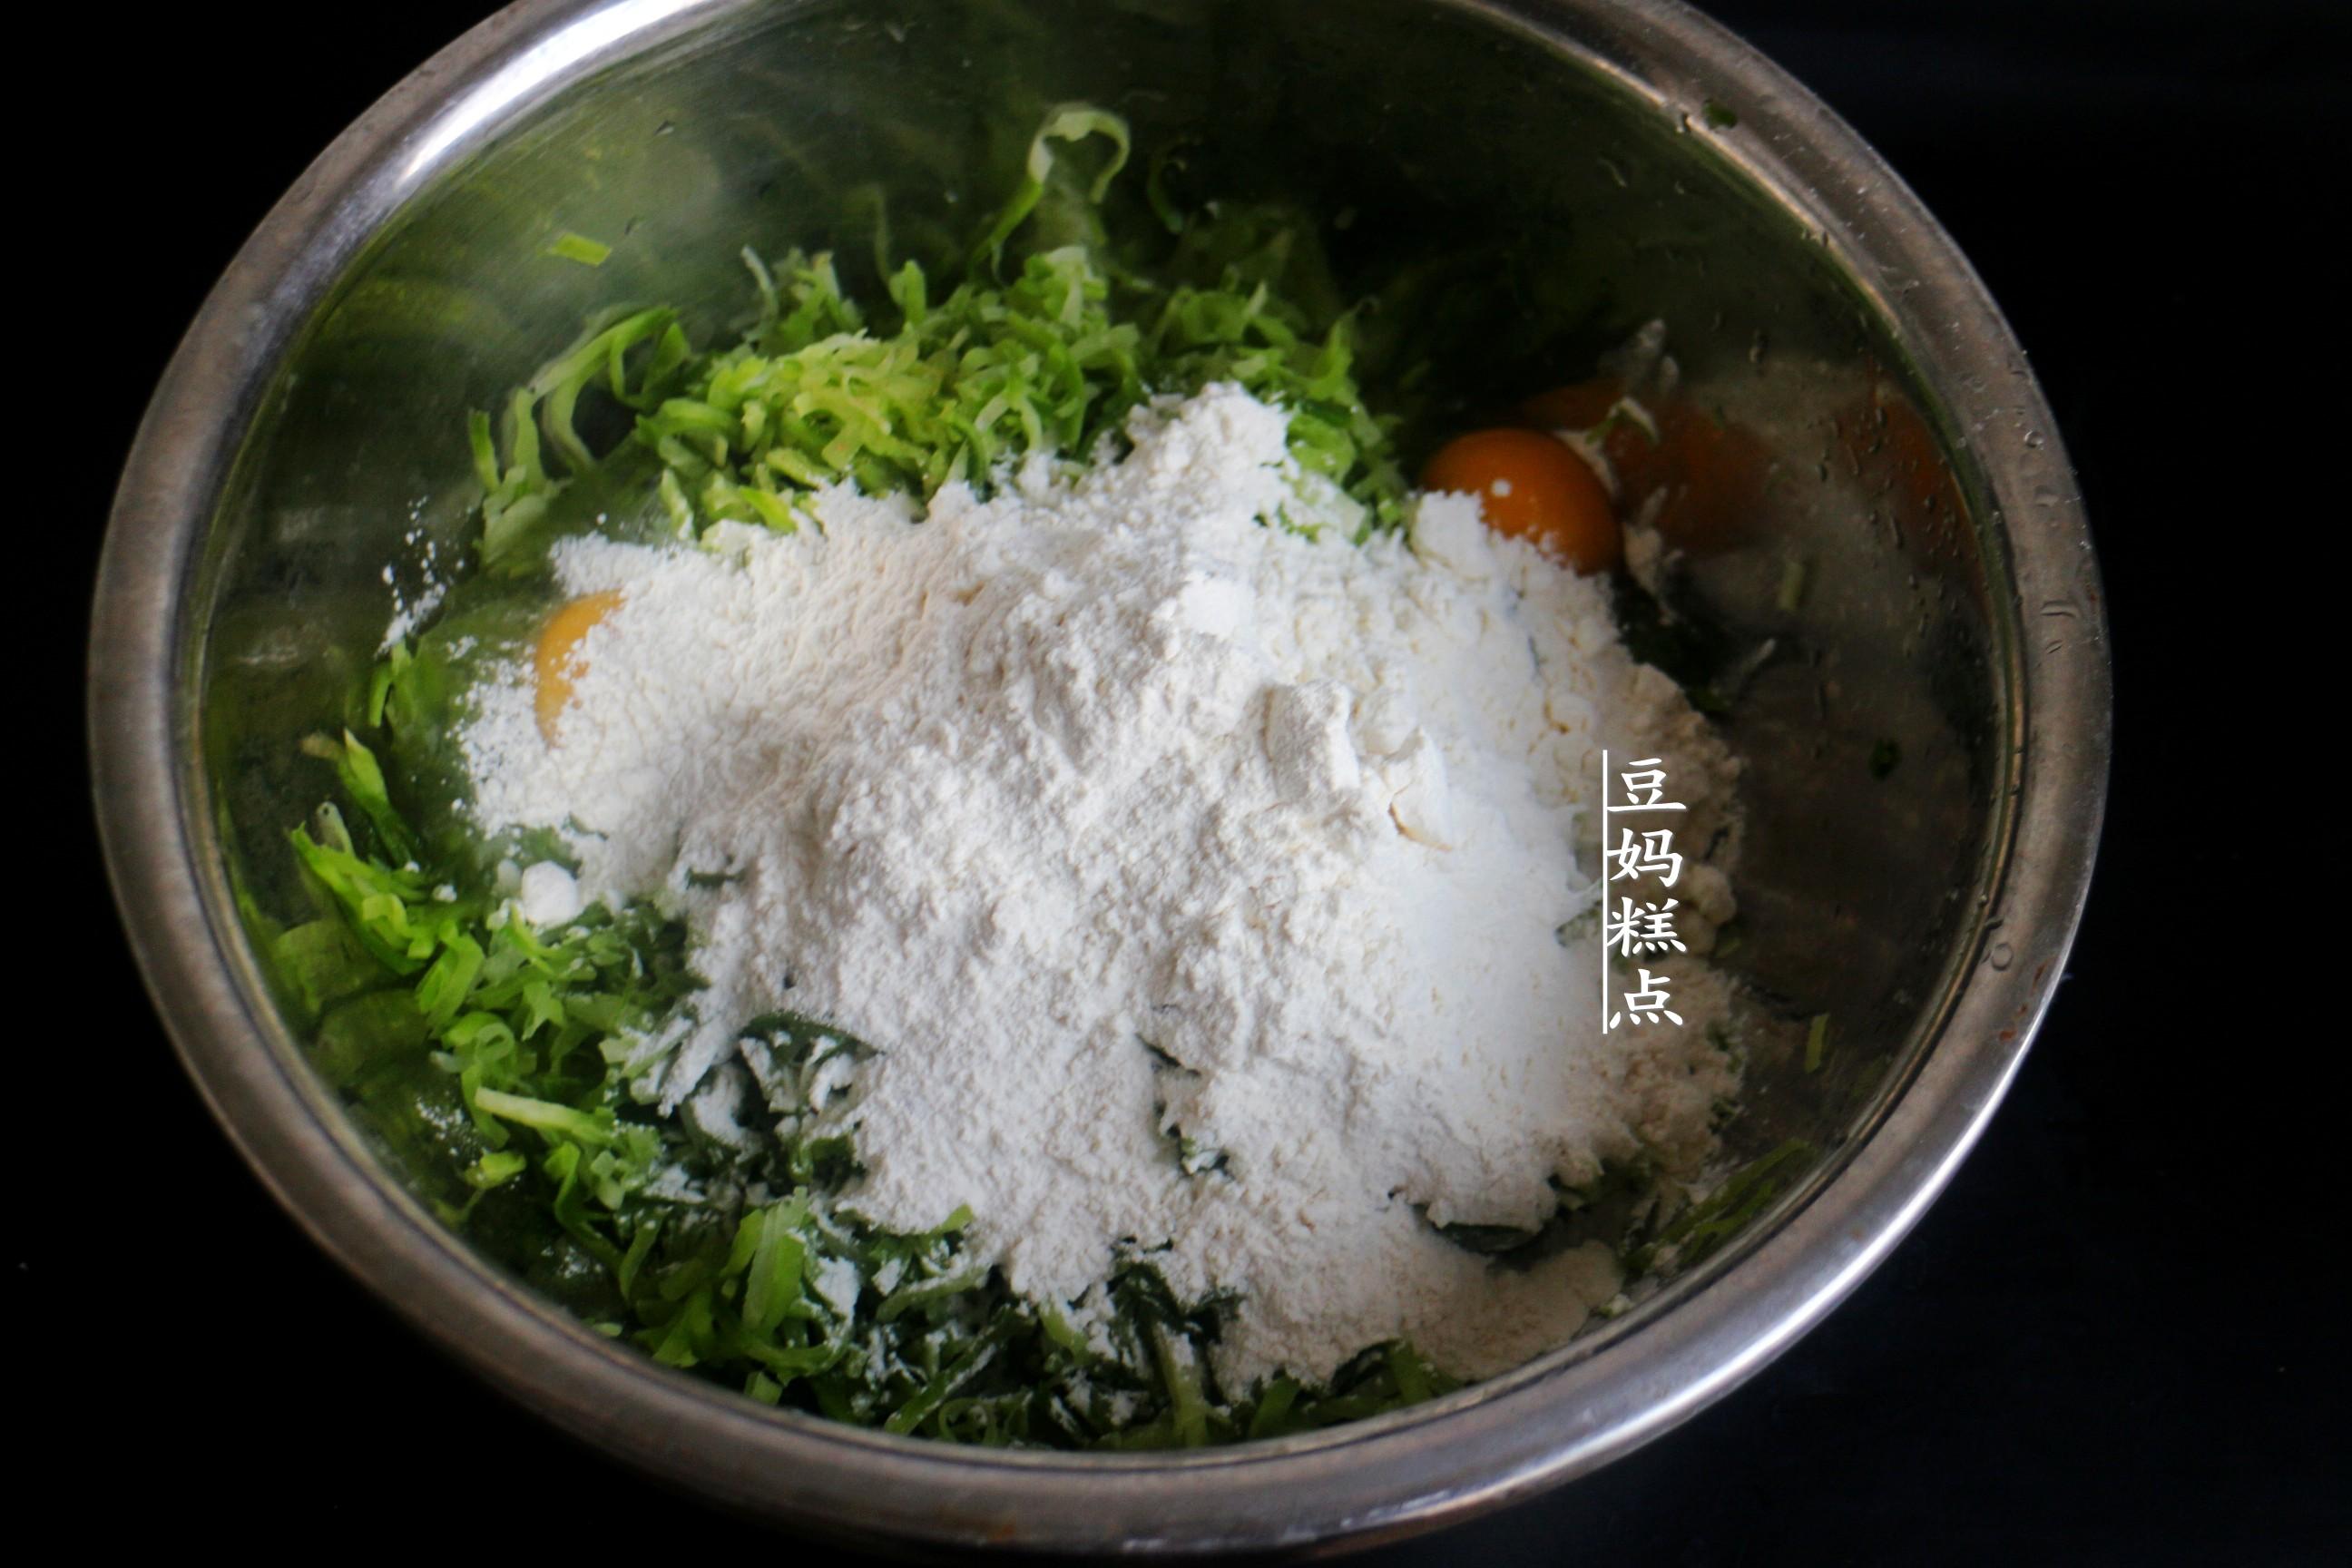 快立冬了,炸蘿蔔丸子,掌握3個小技巧,丸子香氣十足特好吃